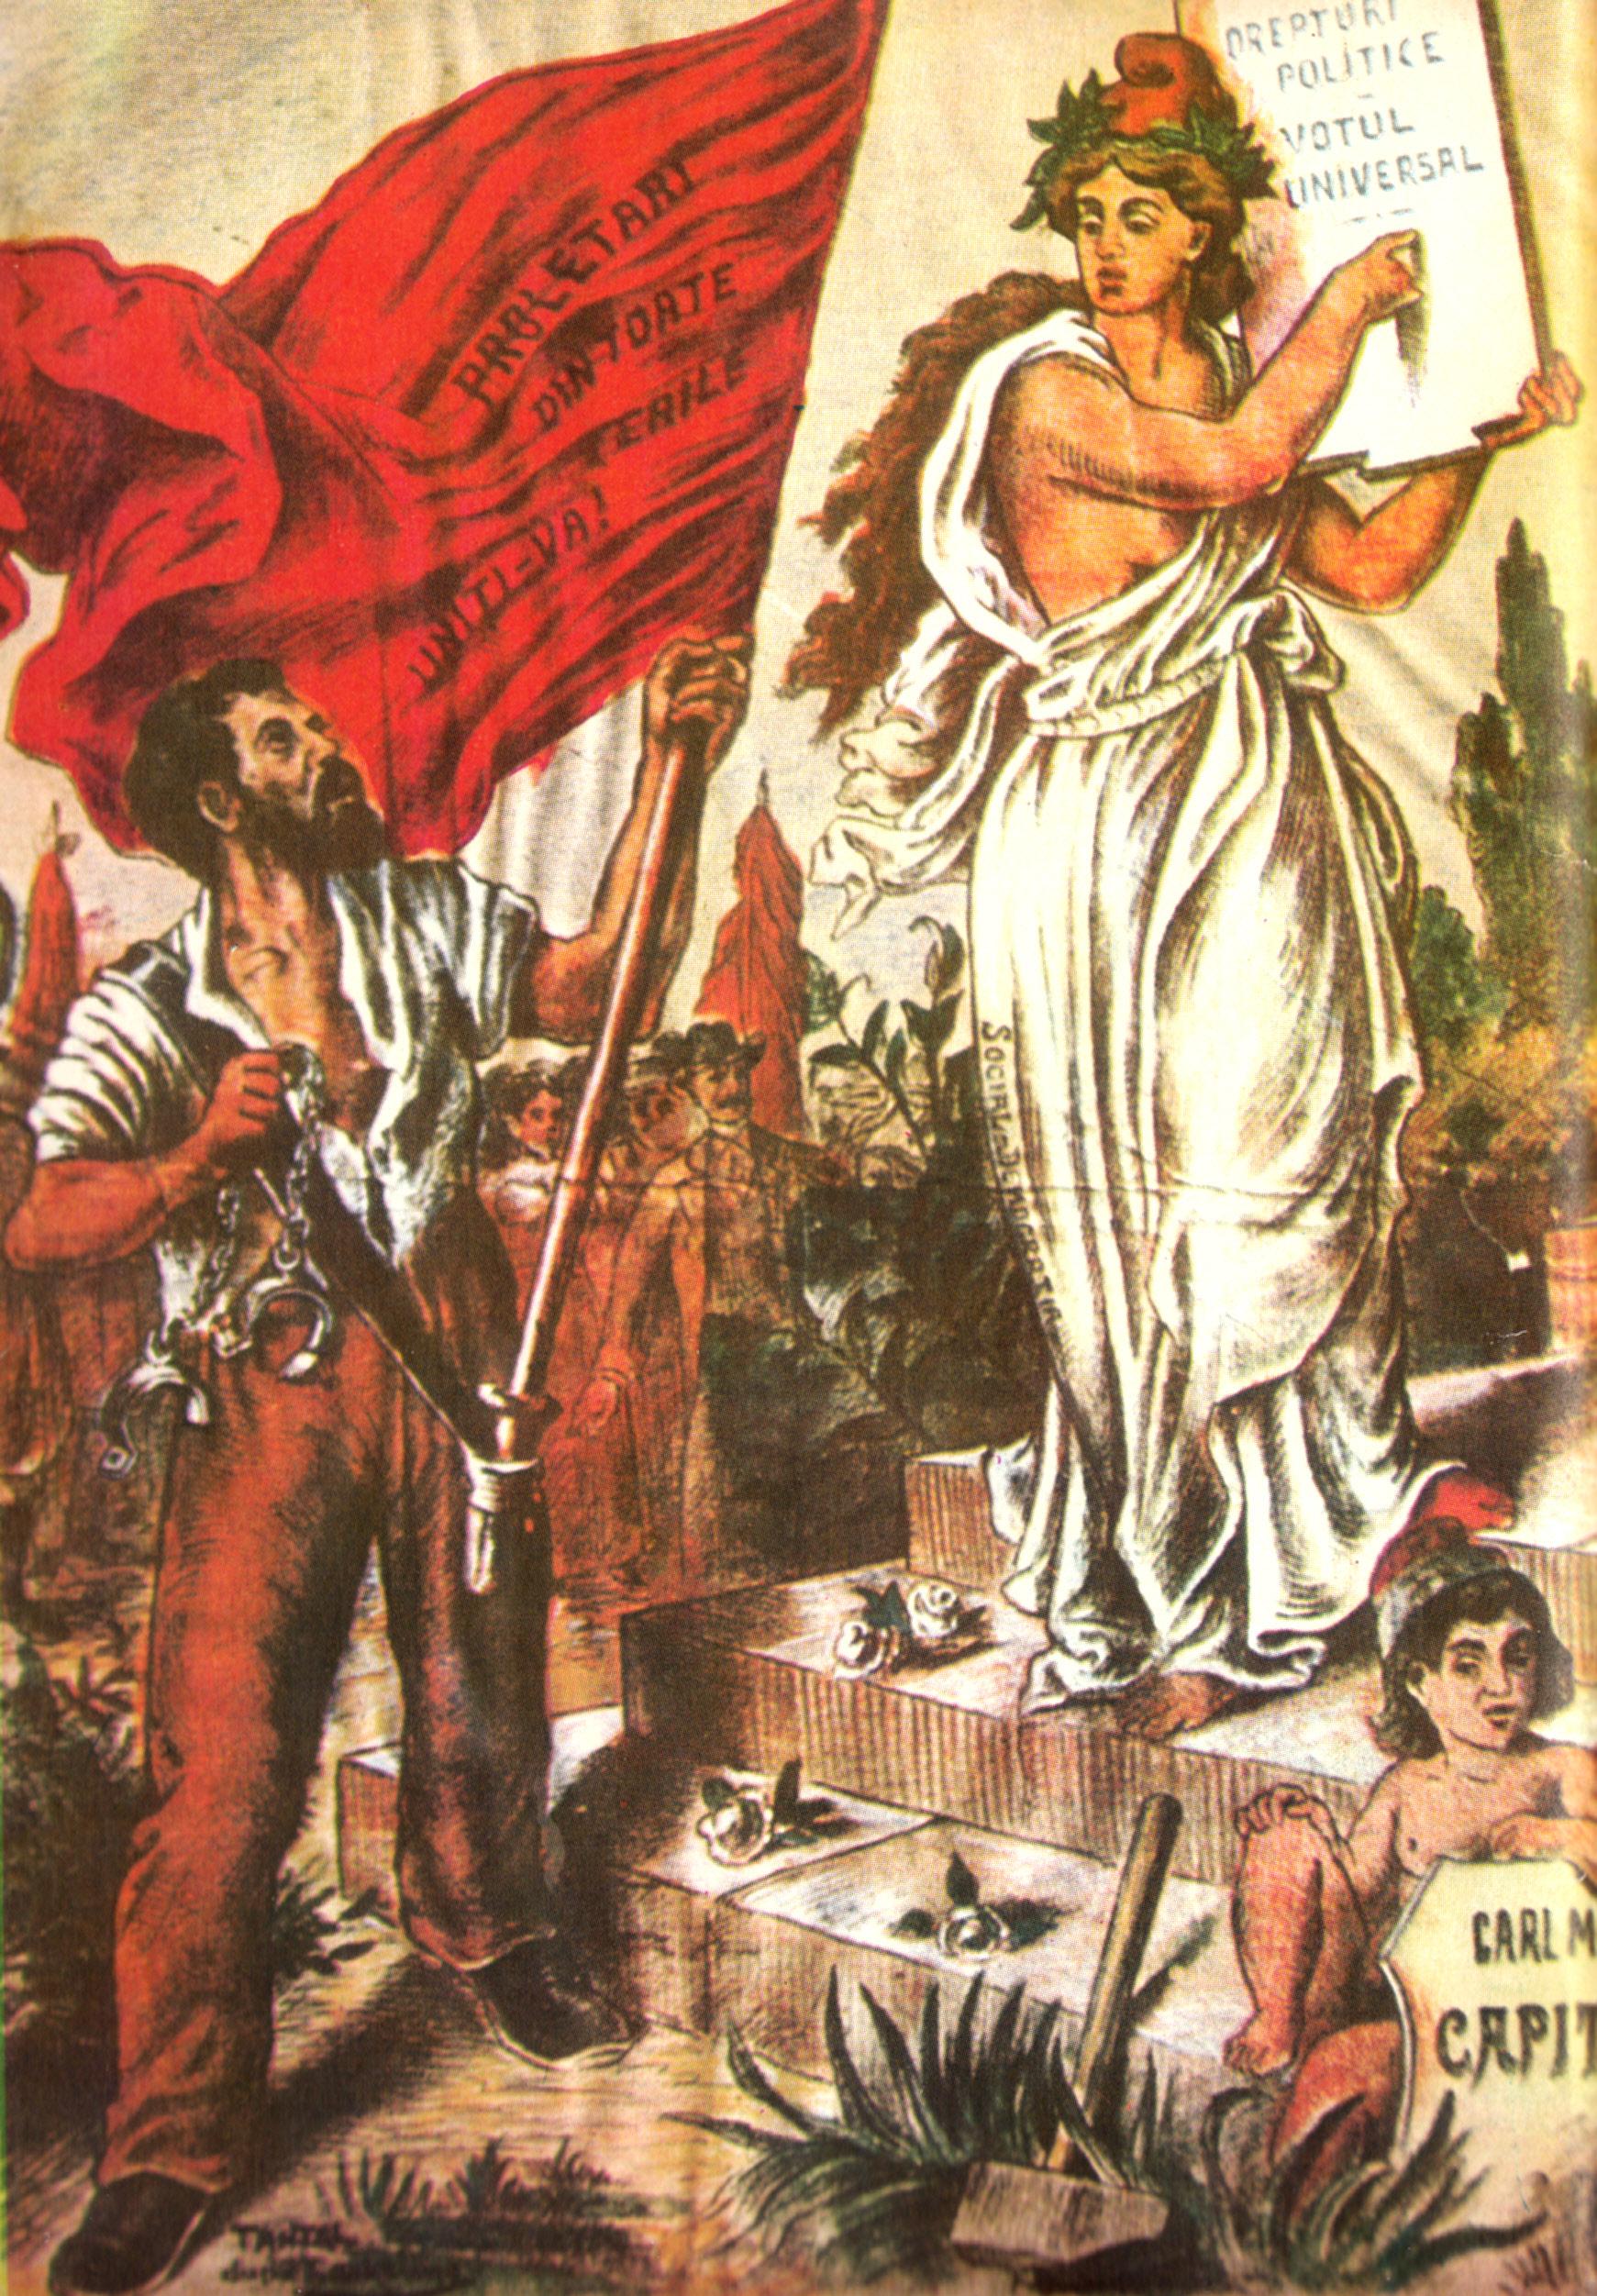 Imagerie socialiste (Roumanie, 1895)